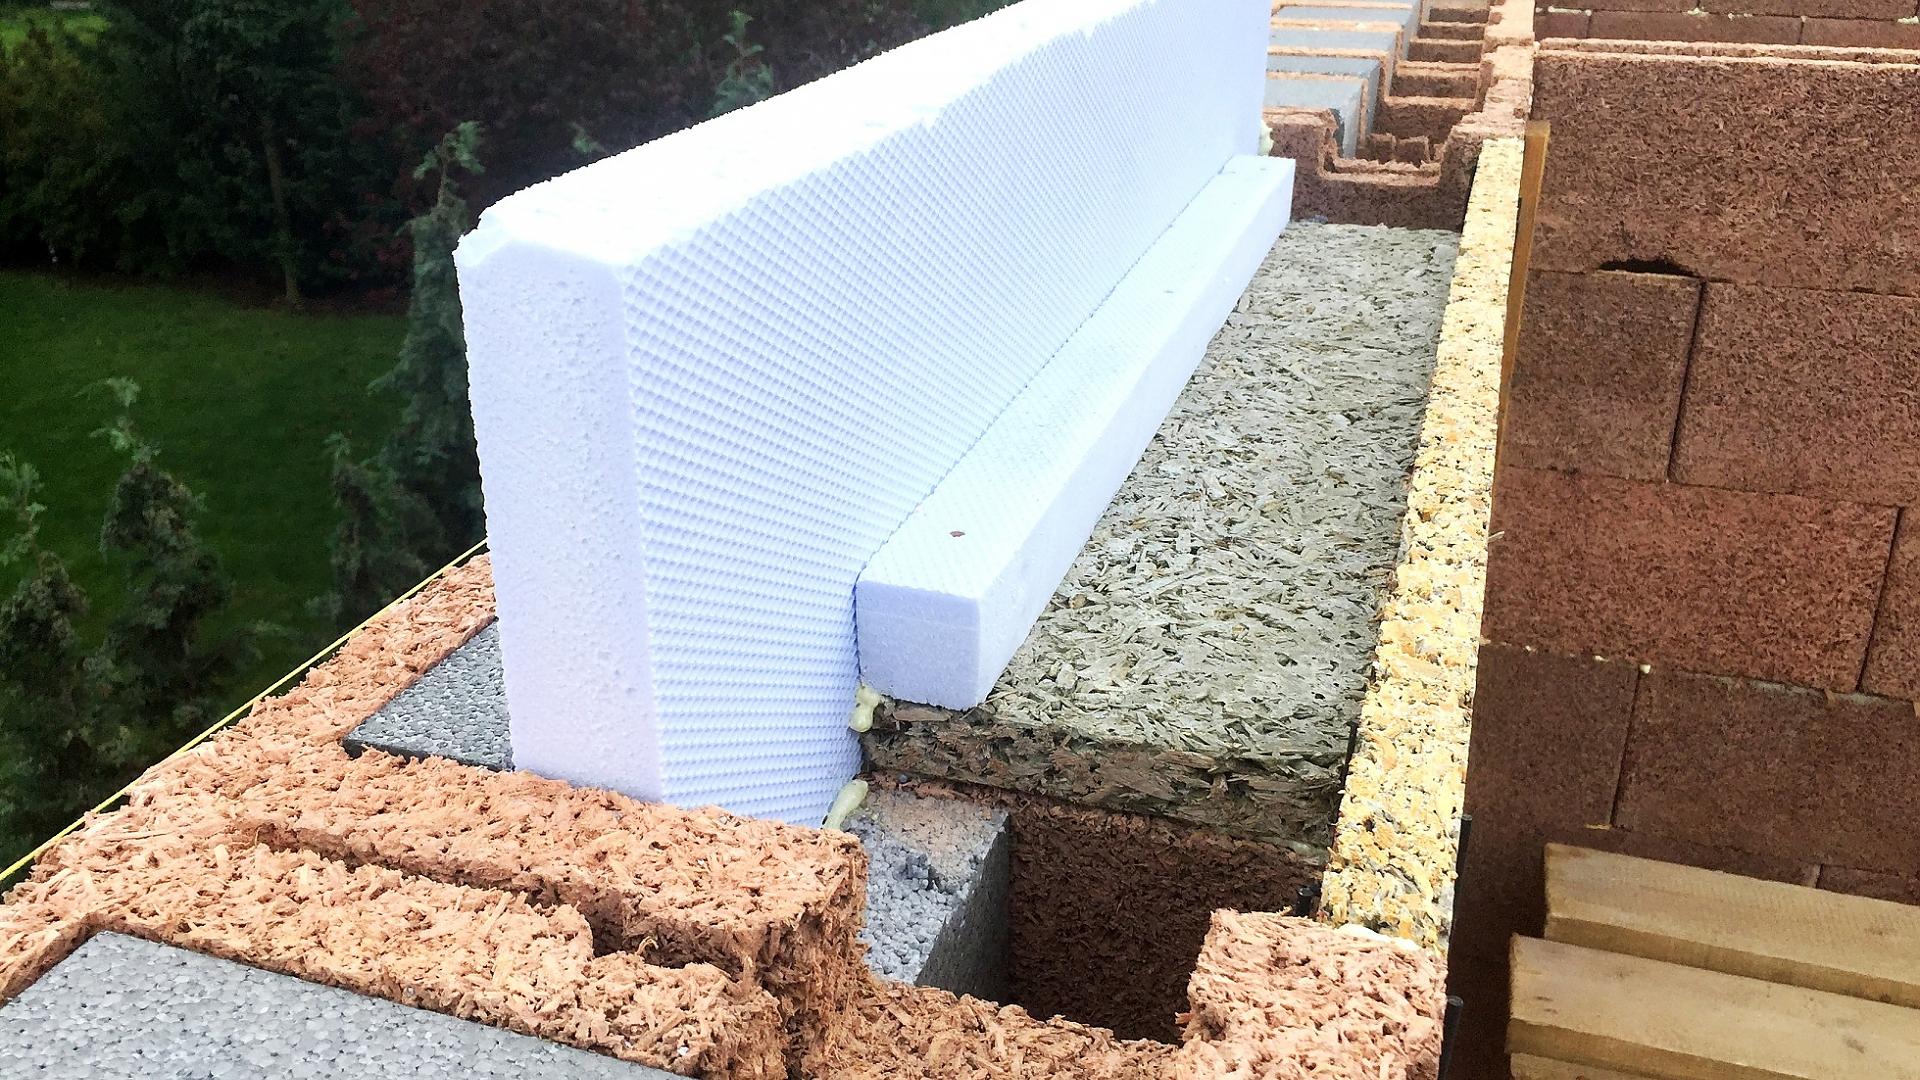 Venkovní žaluzie zajistí tepelné úspory, menší hluk i větší bezpečí obr.68